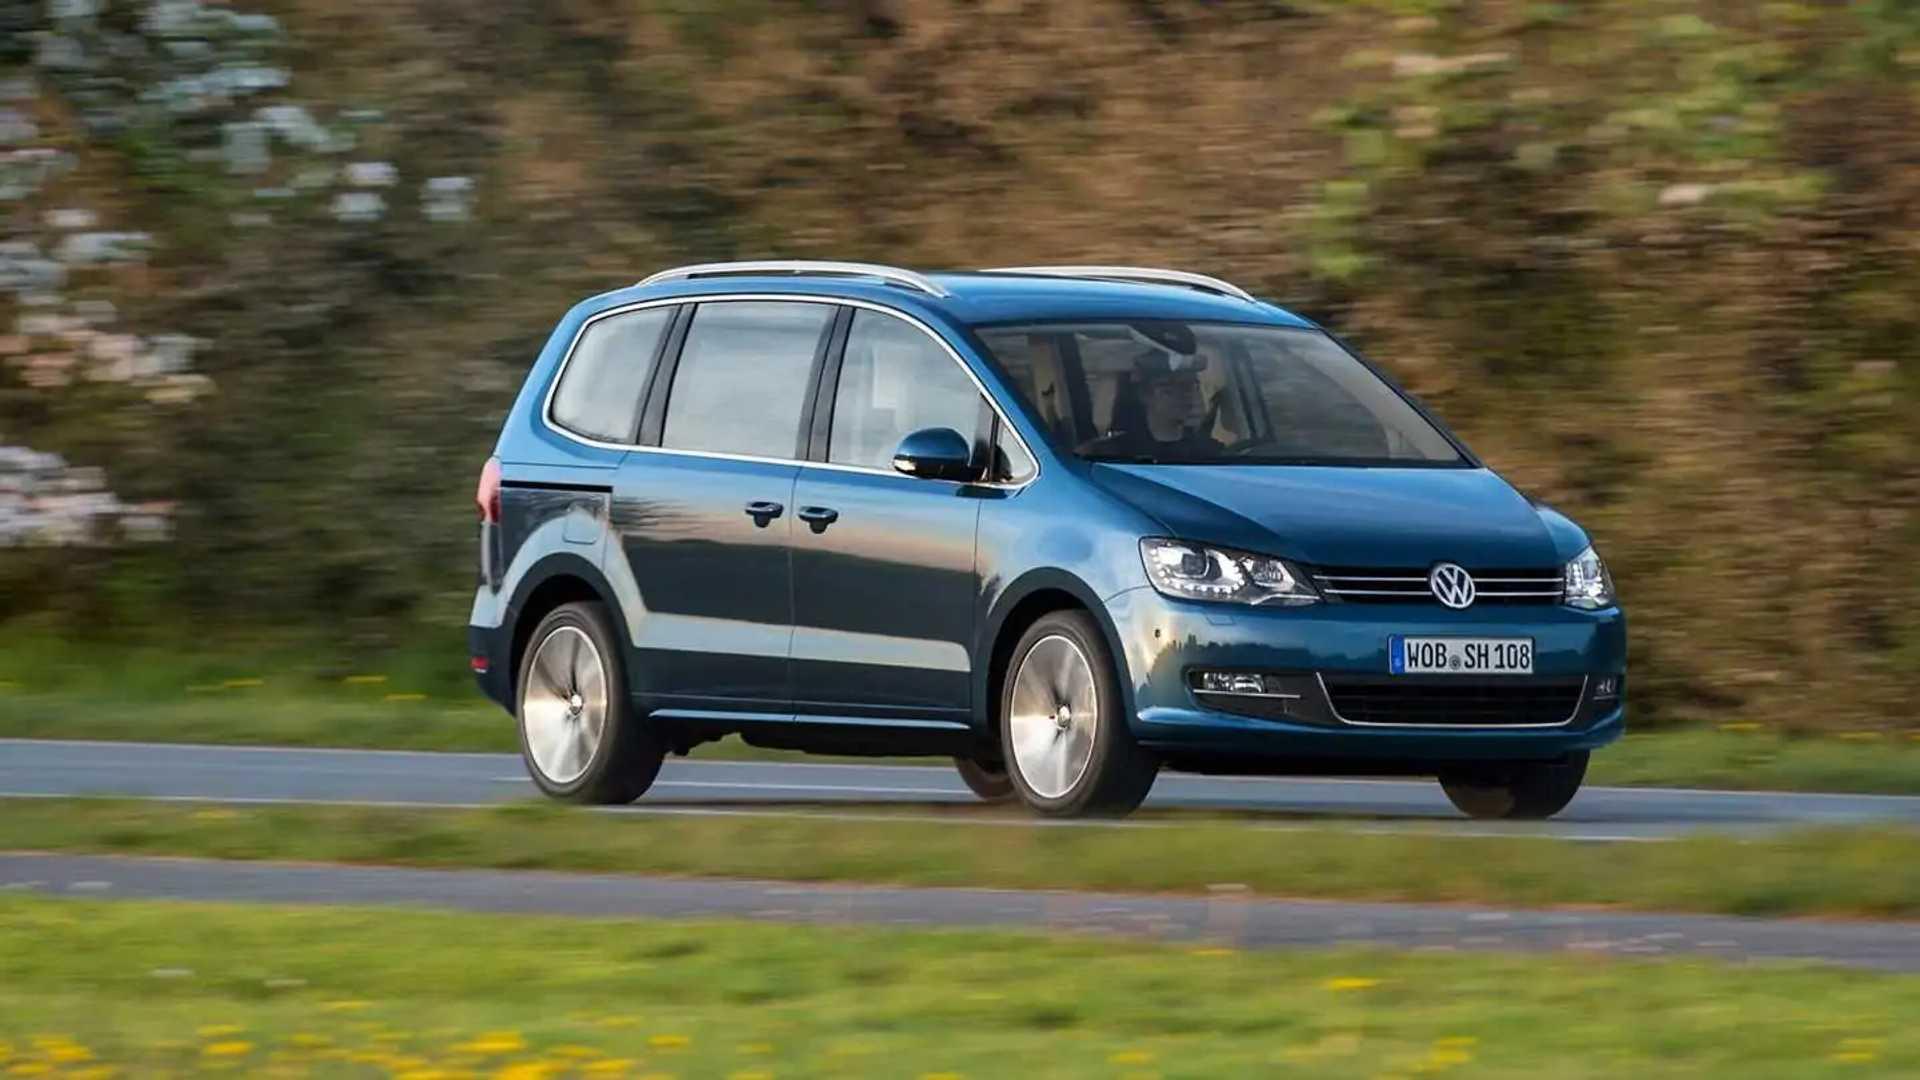 2021 VW Sharan Redesign